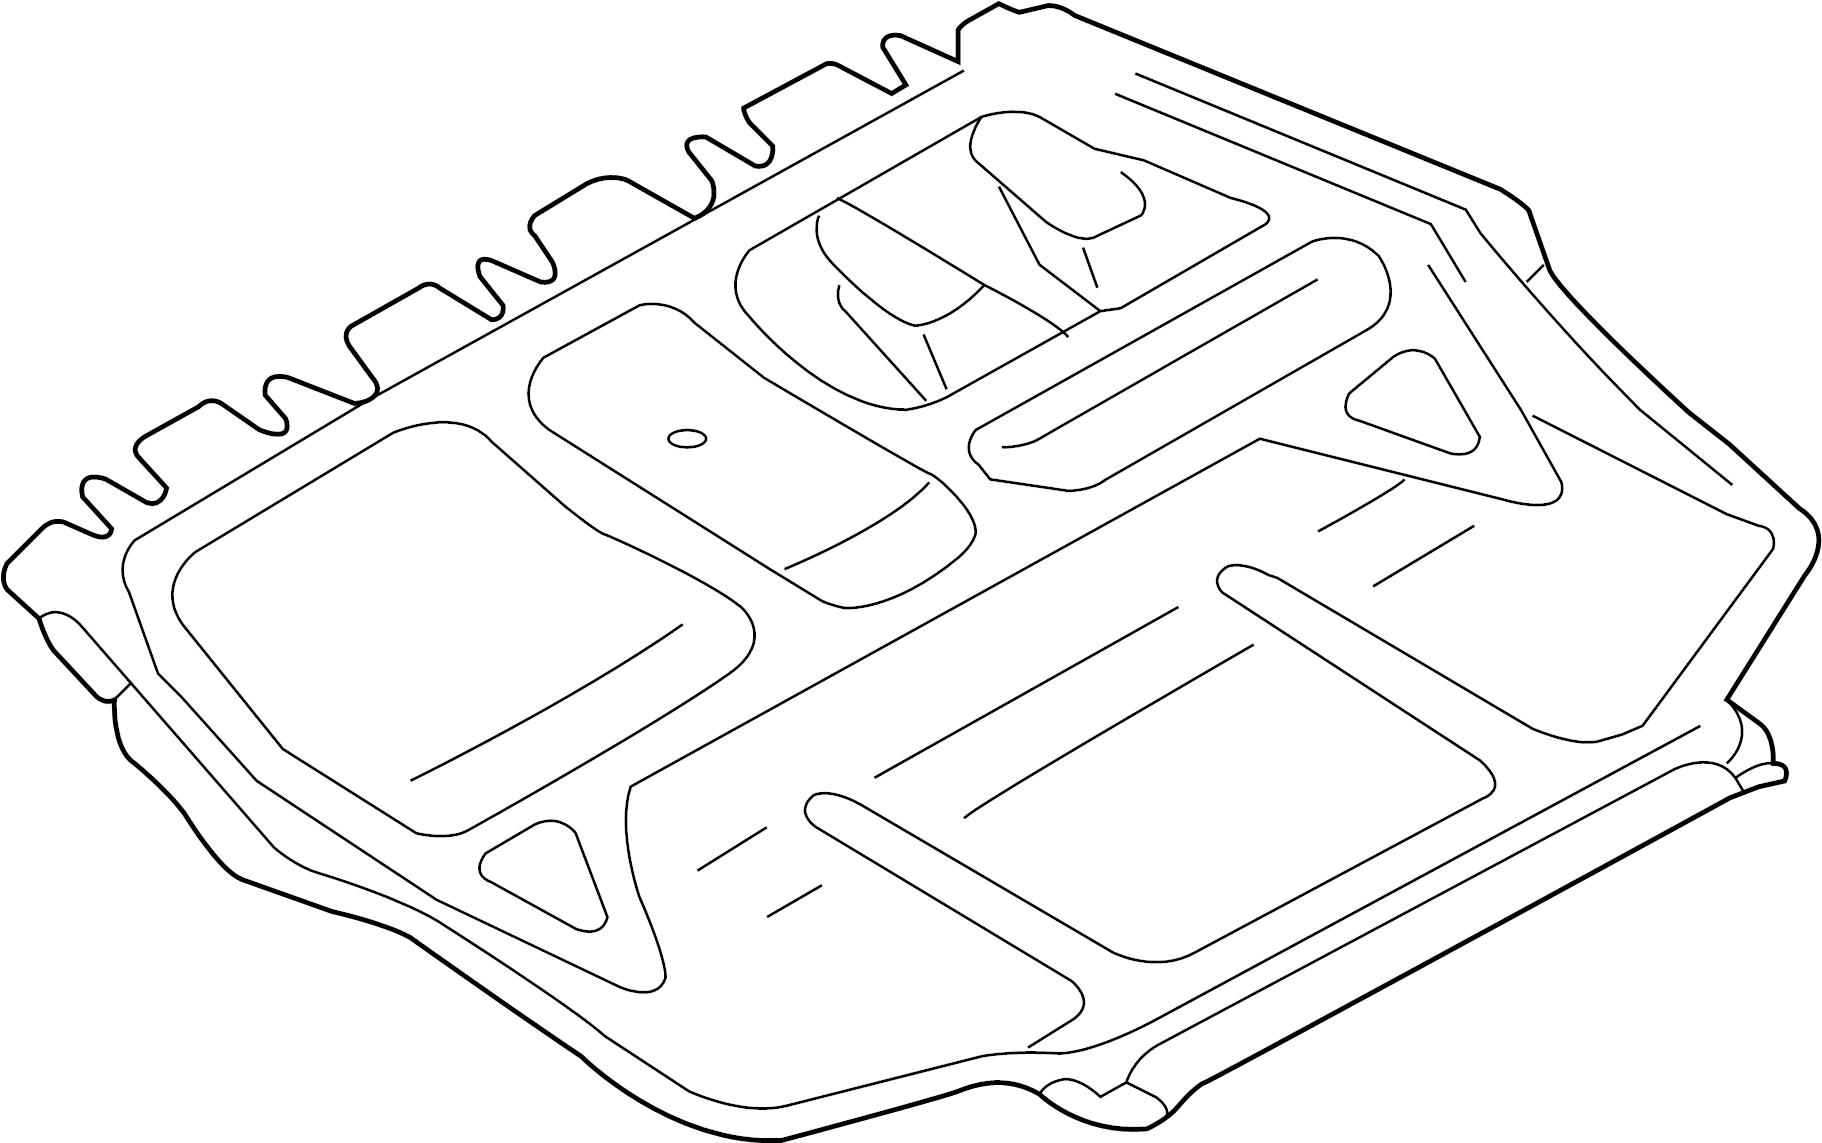 Volkswagen Rabbit Baffle Splash Shield Audi Volkswagen